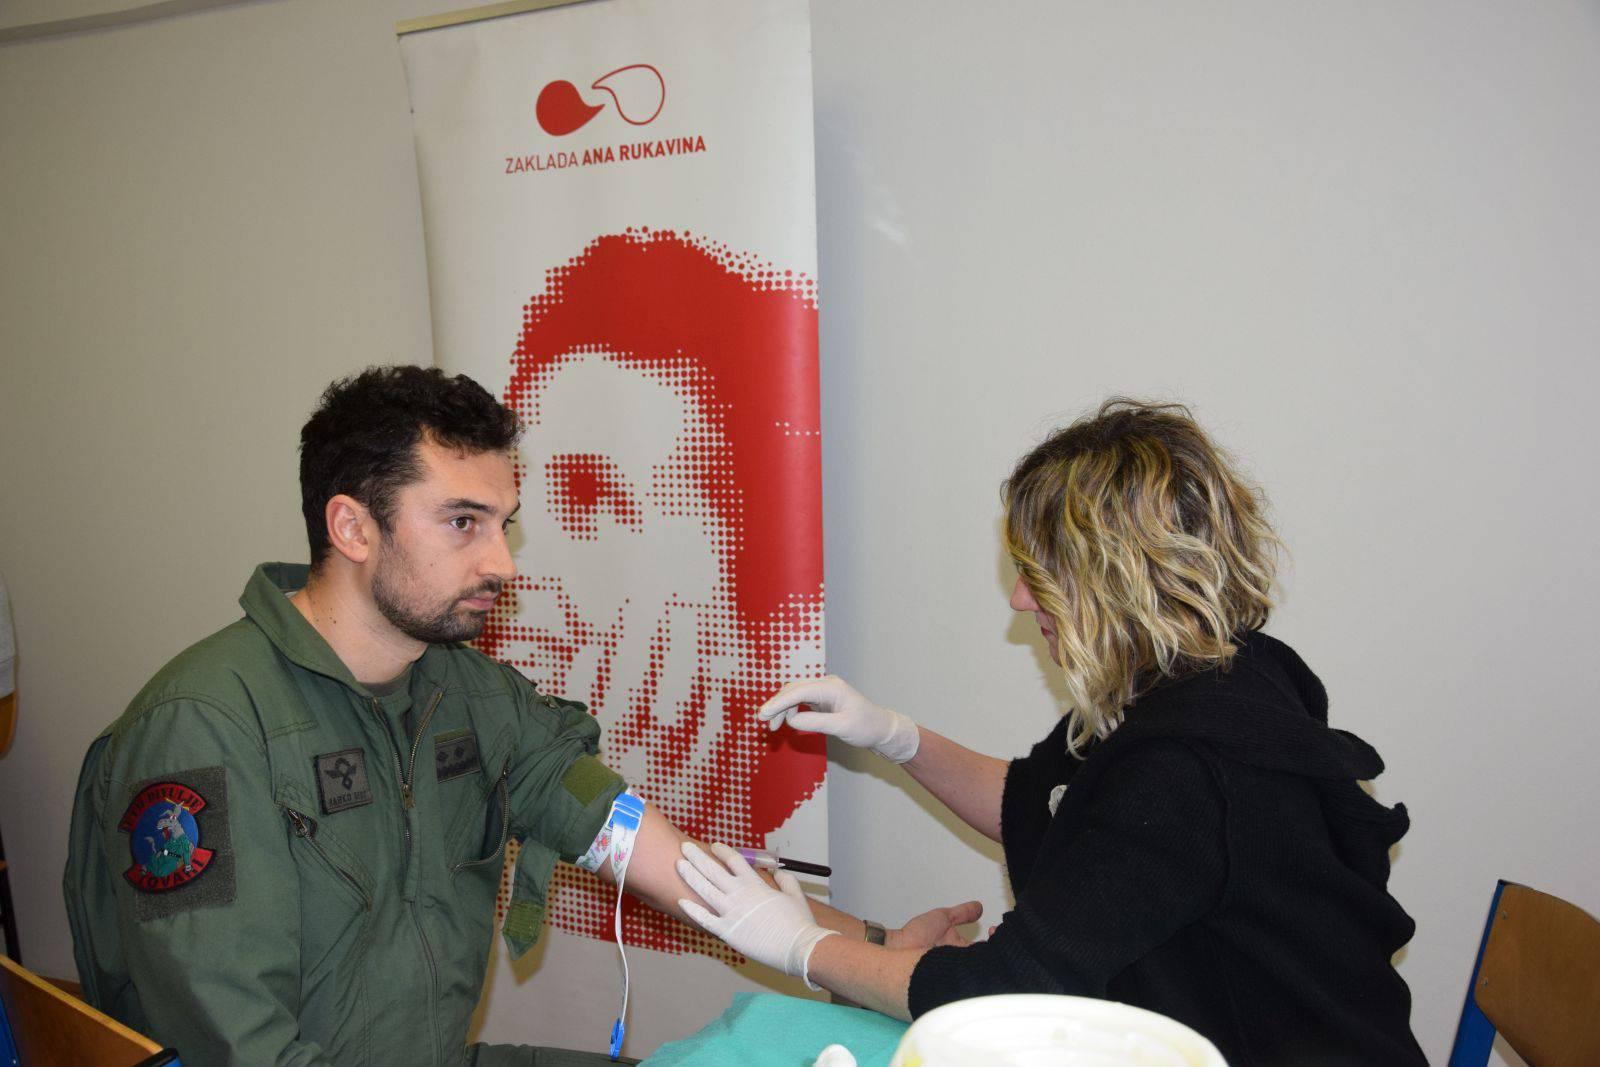 Pripadnici HV-a uključili se u akciju zaklade 'Ana  Rukavina'